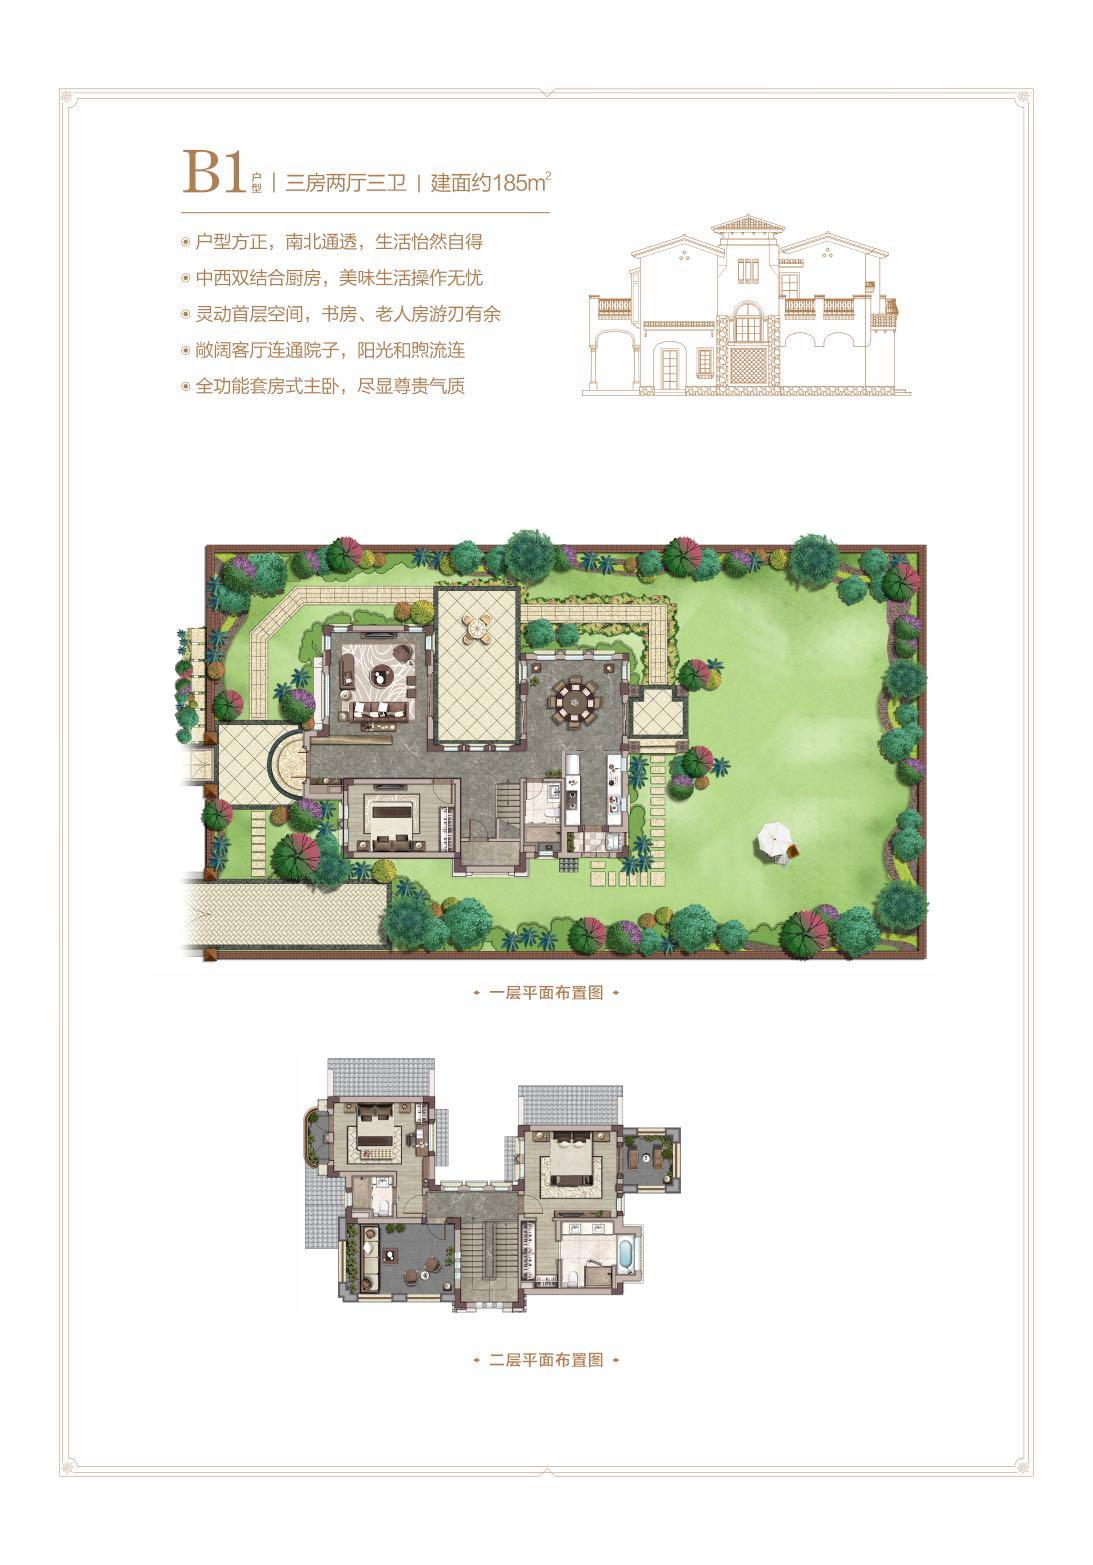 中海神州半岛3房2厅3卫 (建筑面积:185.00㎡)